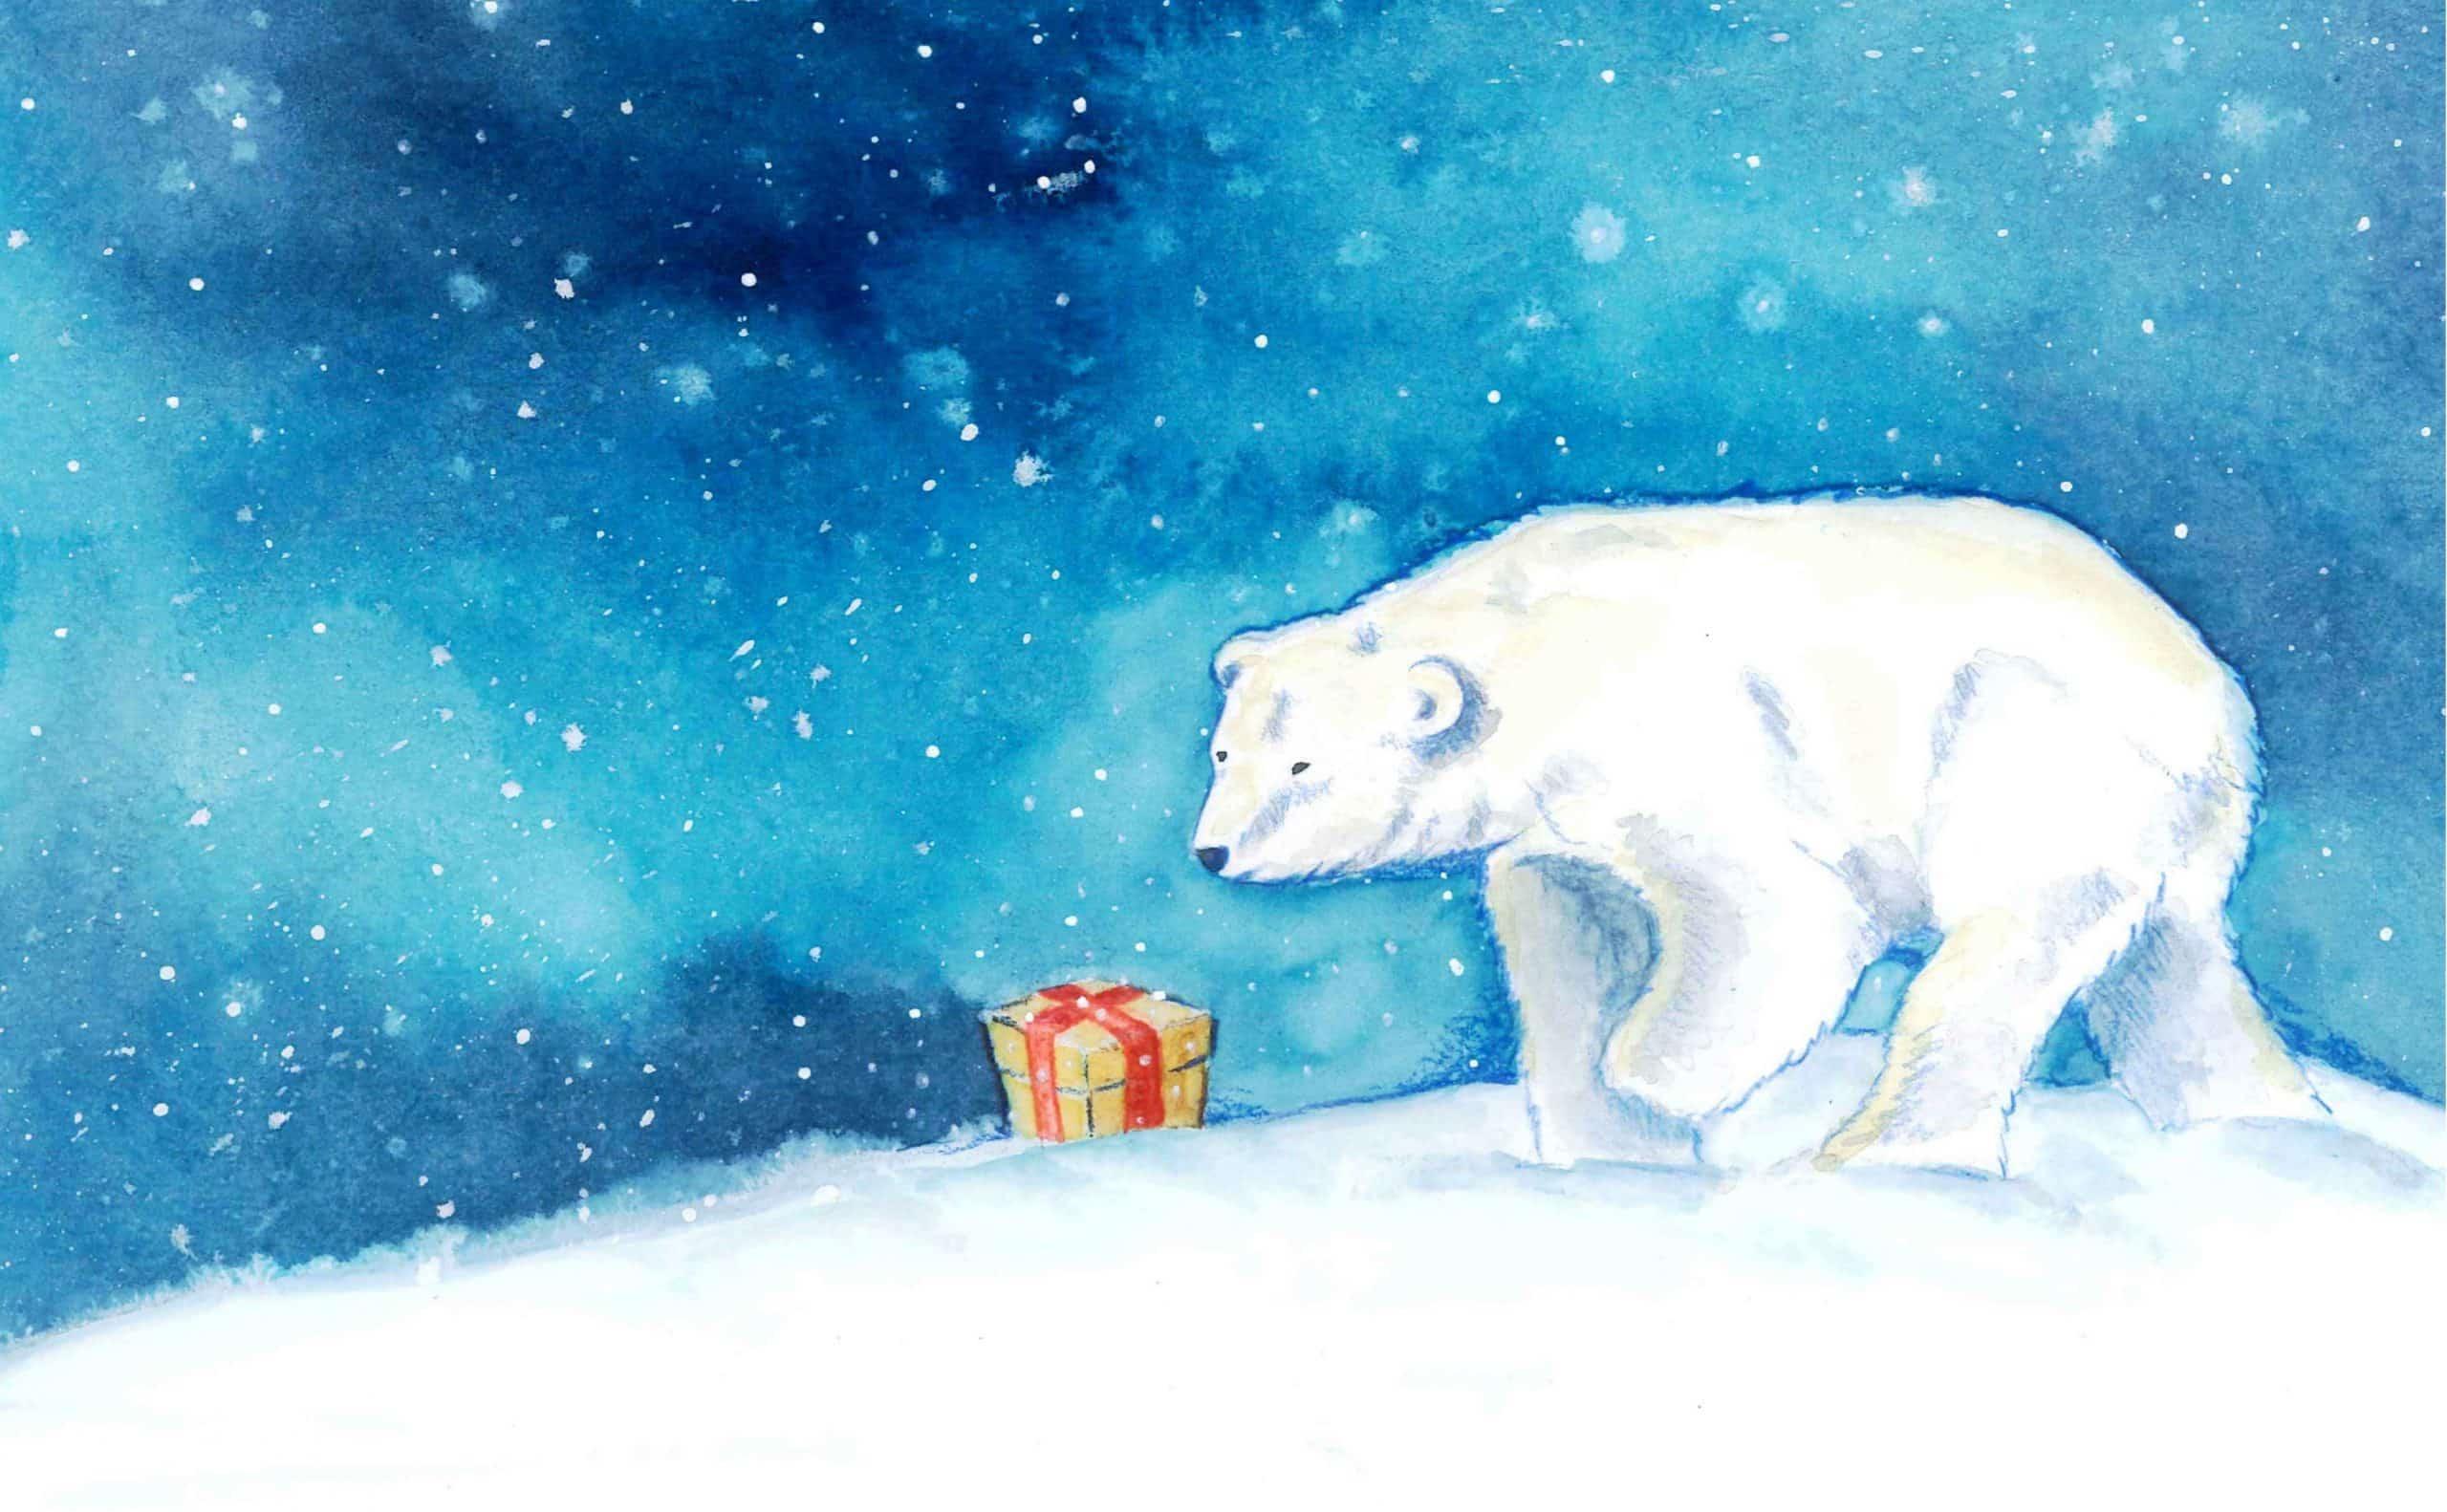 Weihnachtsgedichte Für Kinder • Weihnachtsgedichte • Briefeguru ganzes Schöne Weihnachtssprüche Für Kinder